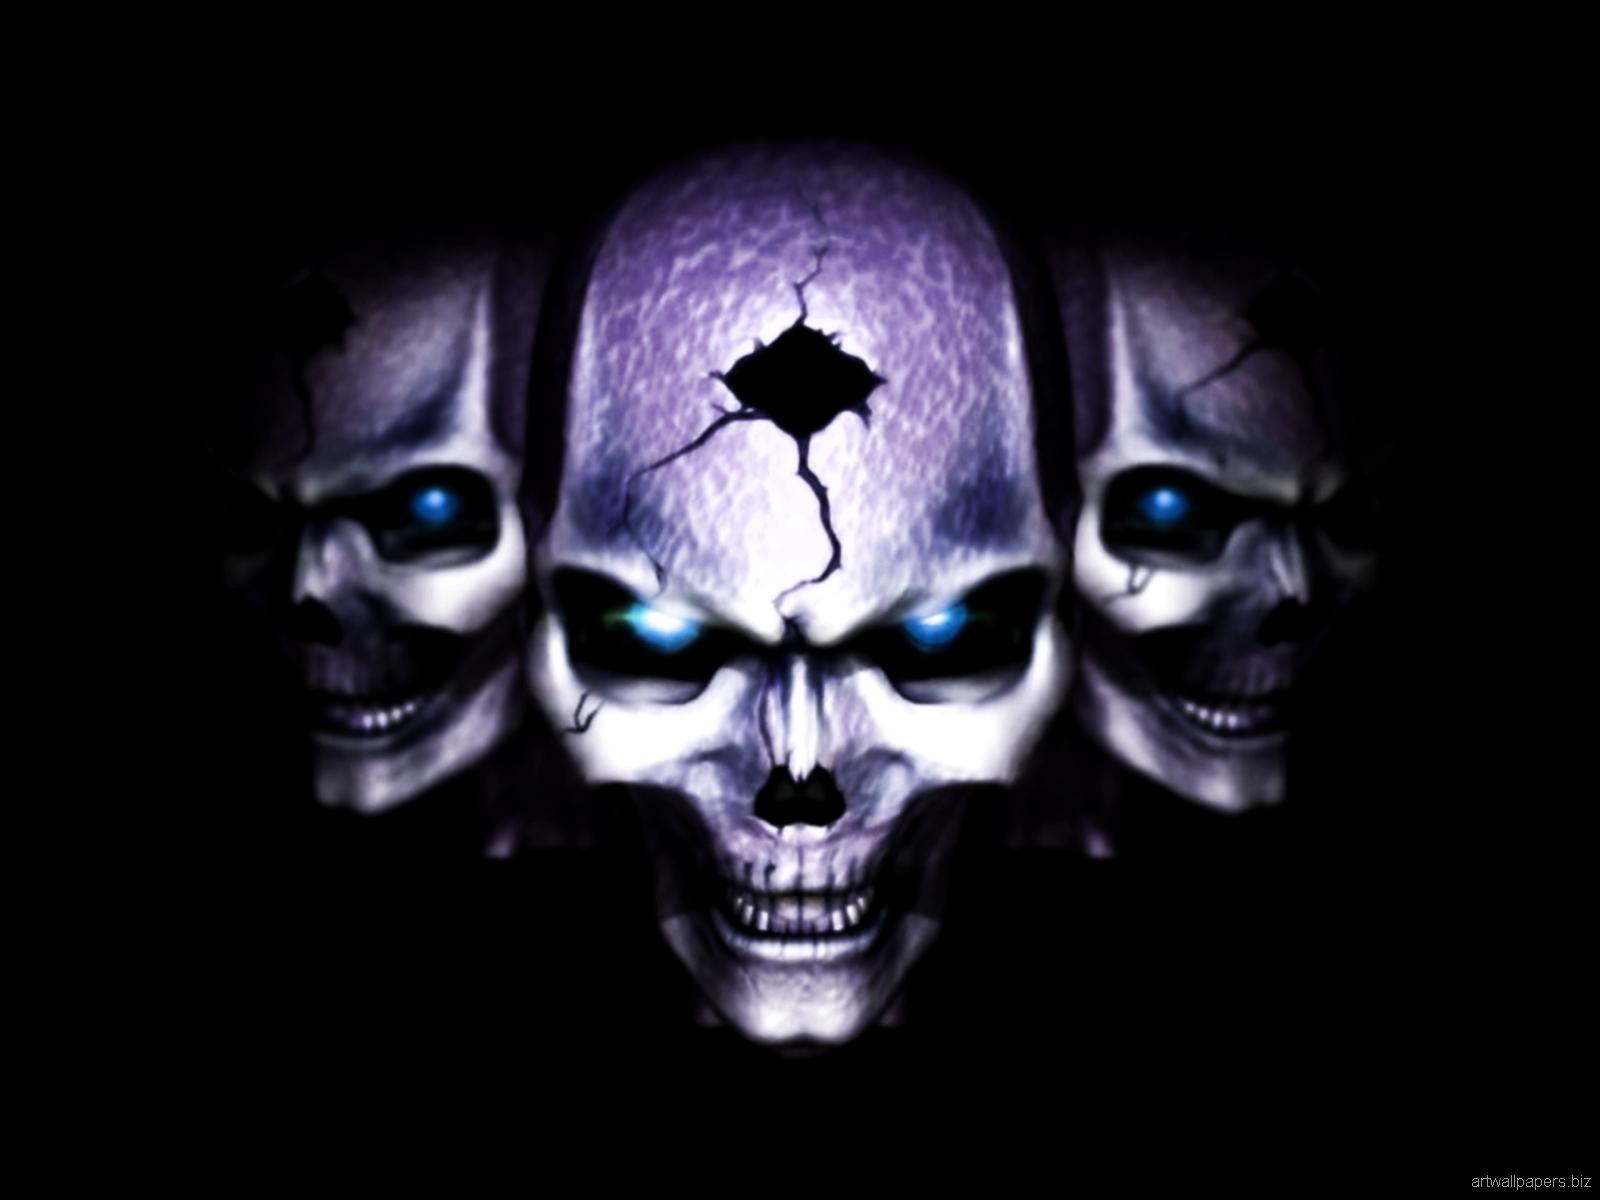 Skull Wallpaper Skull Wallpapers Art Desktop Wallpapers 1600x1200 1600x1200